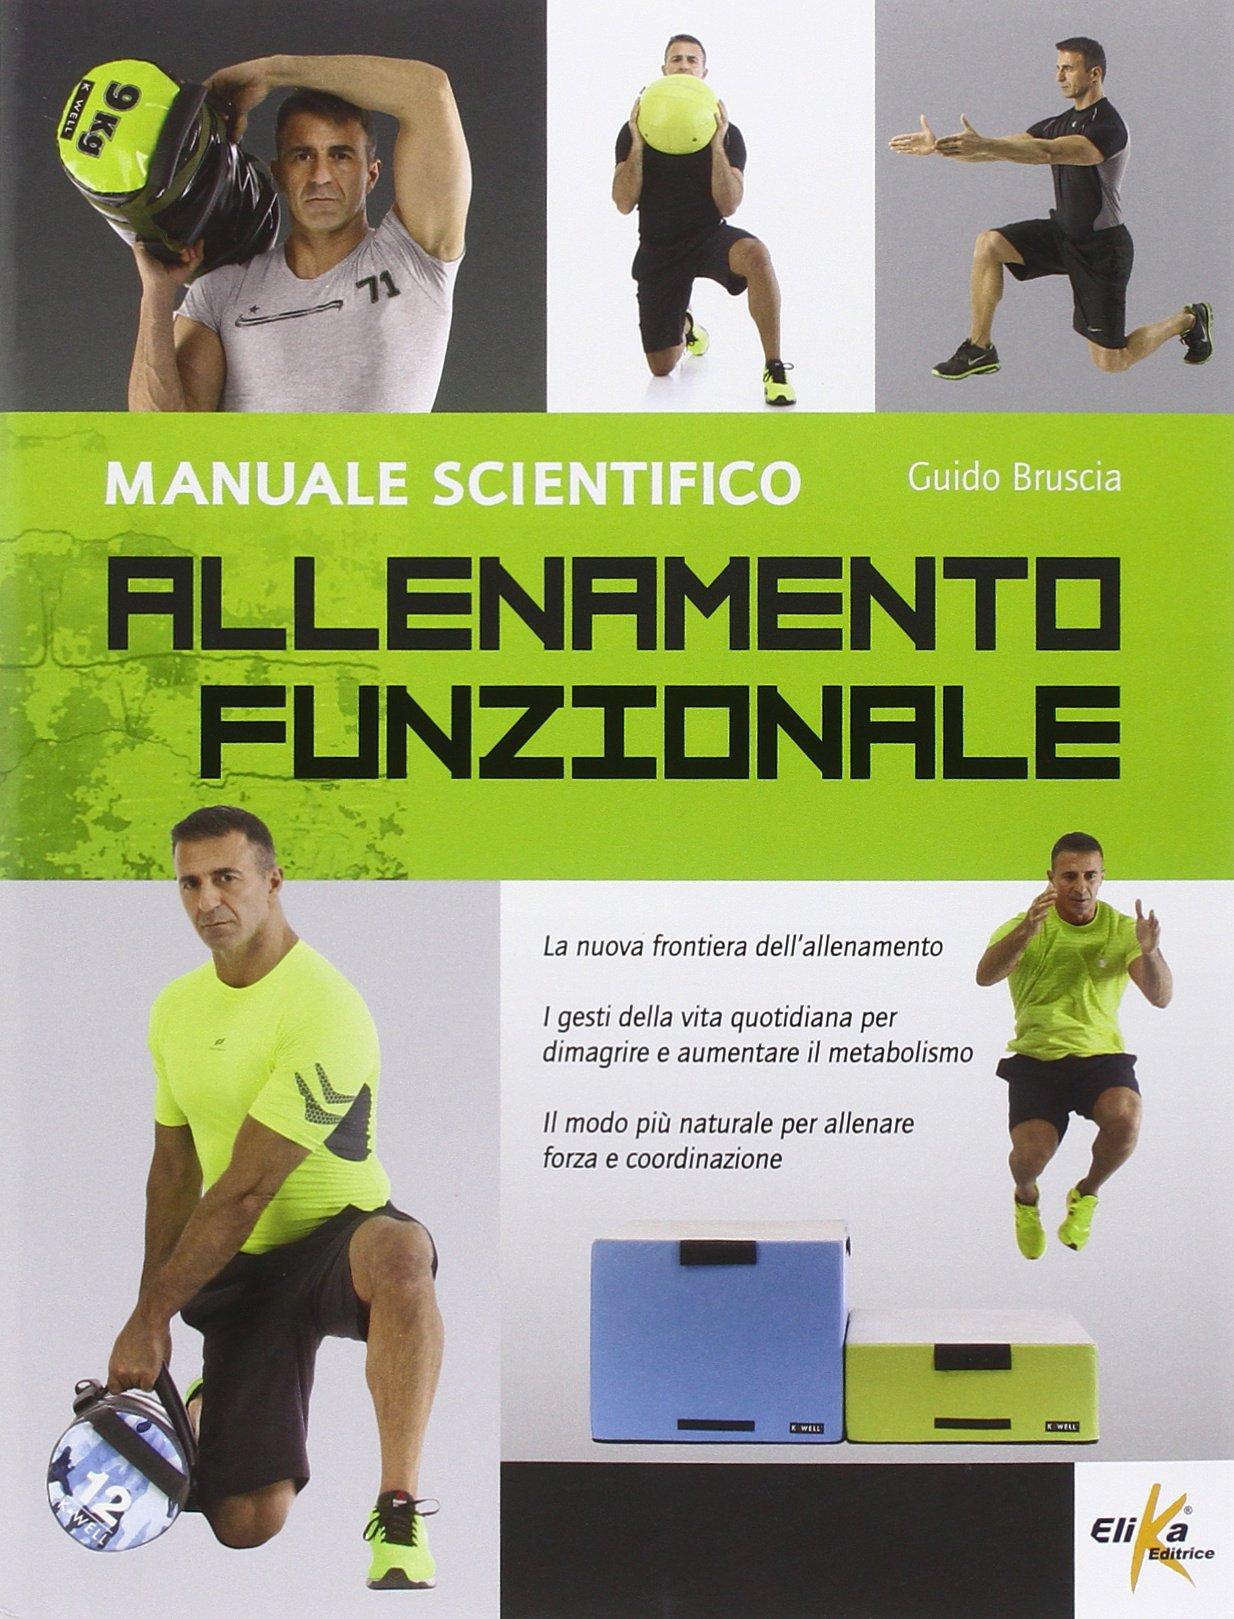 Allenamento funzionale. Manuale scientifico Copertina flessibile – 23 feb 2015 Guido Bruscia Elika 8898574223 Manuali